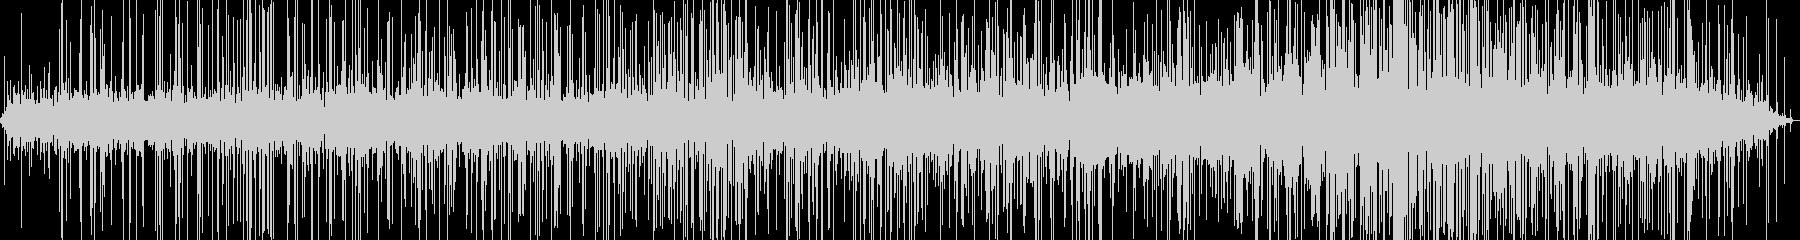 火のパチパチ(重いパチパチ)の未再生の波形